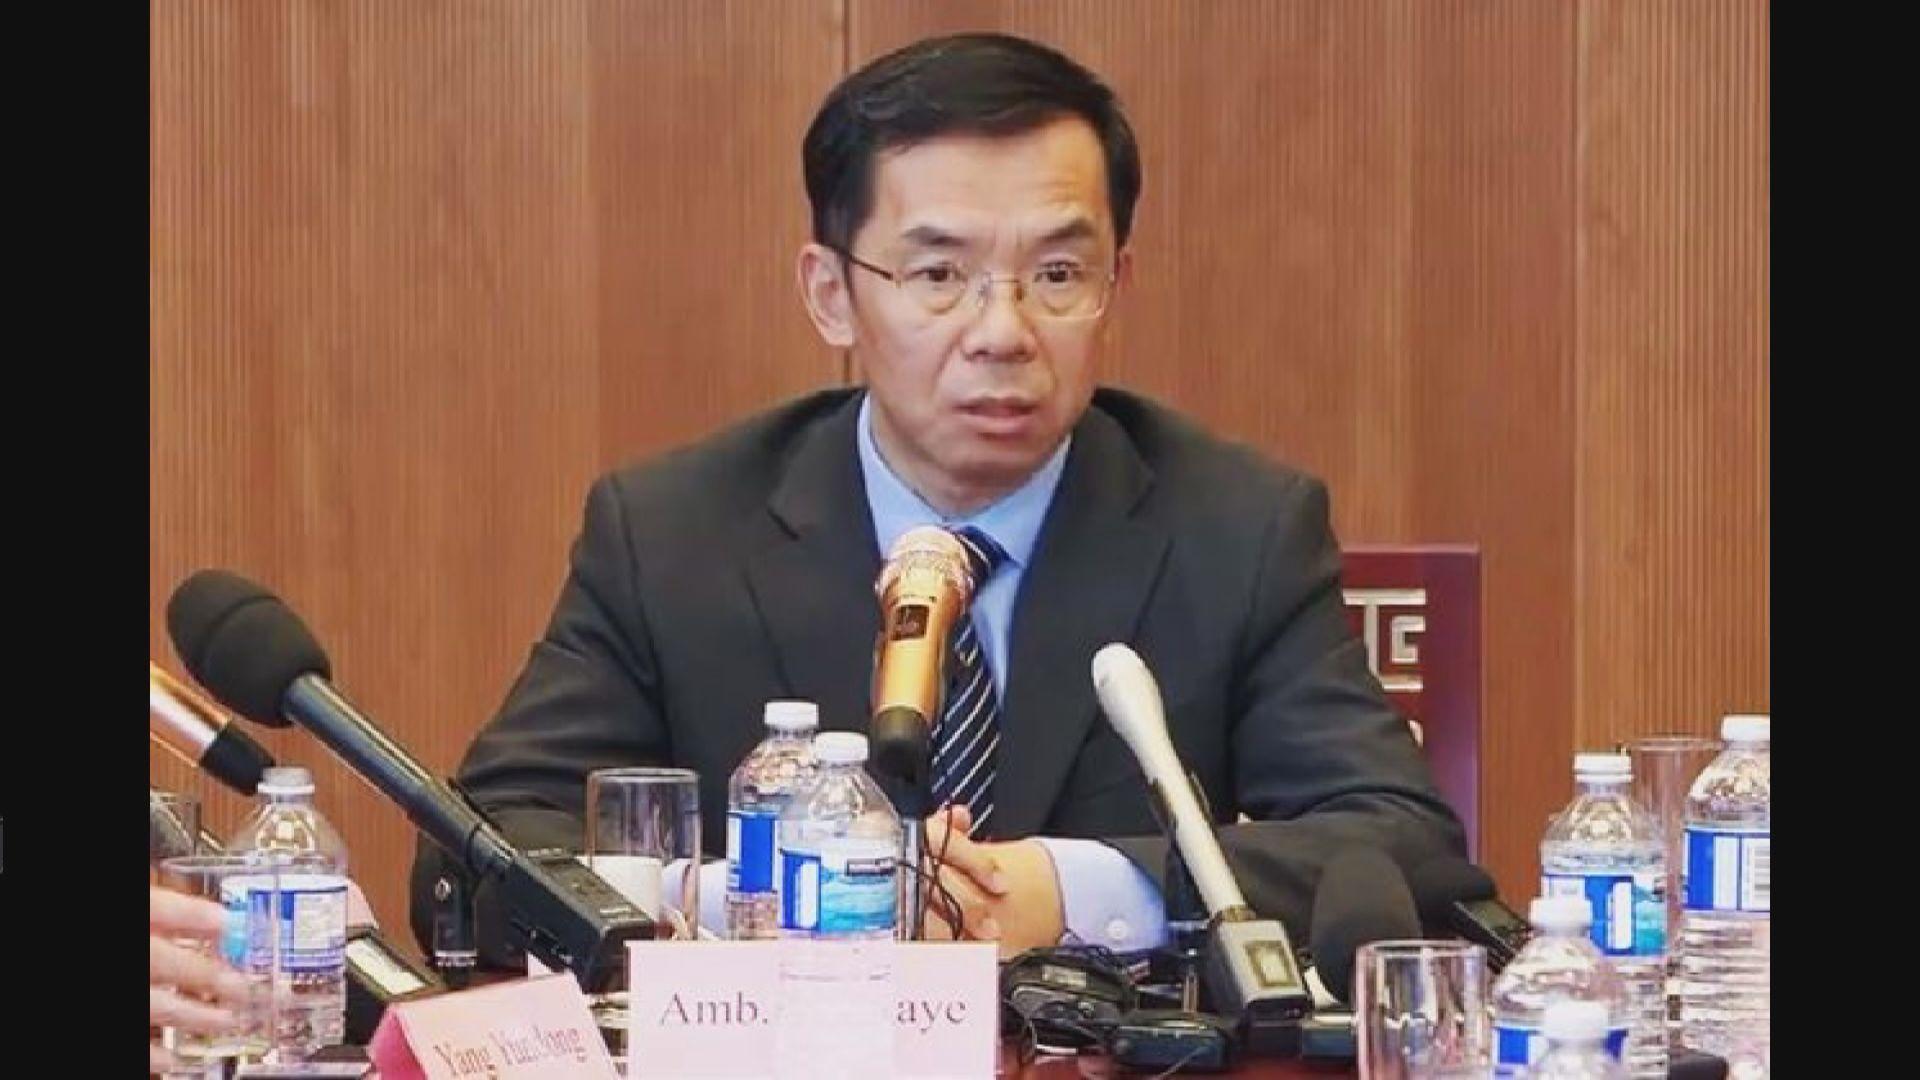 德法傳召中國大使抗議反制裁措施